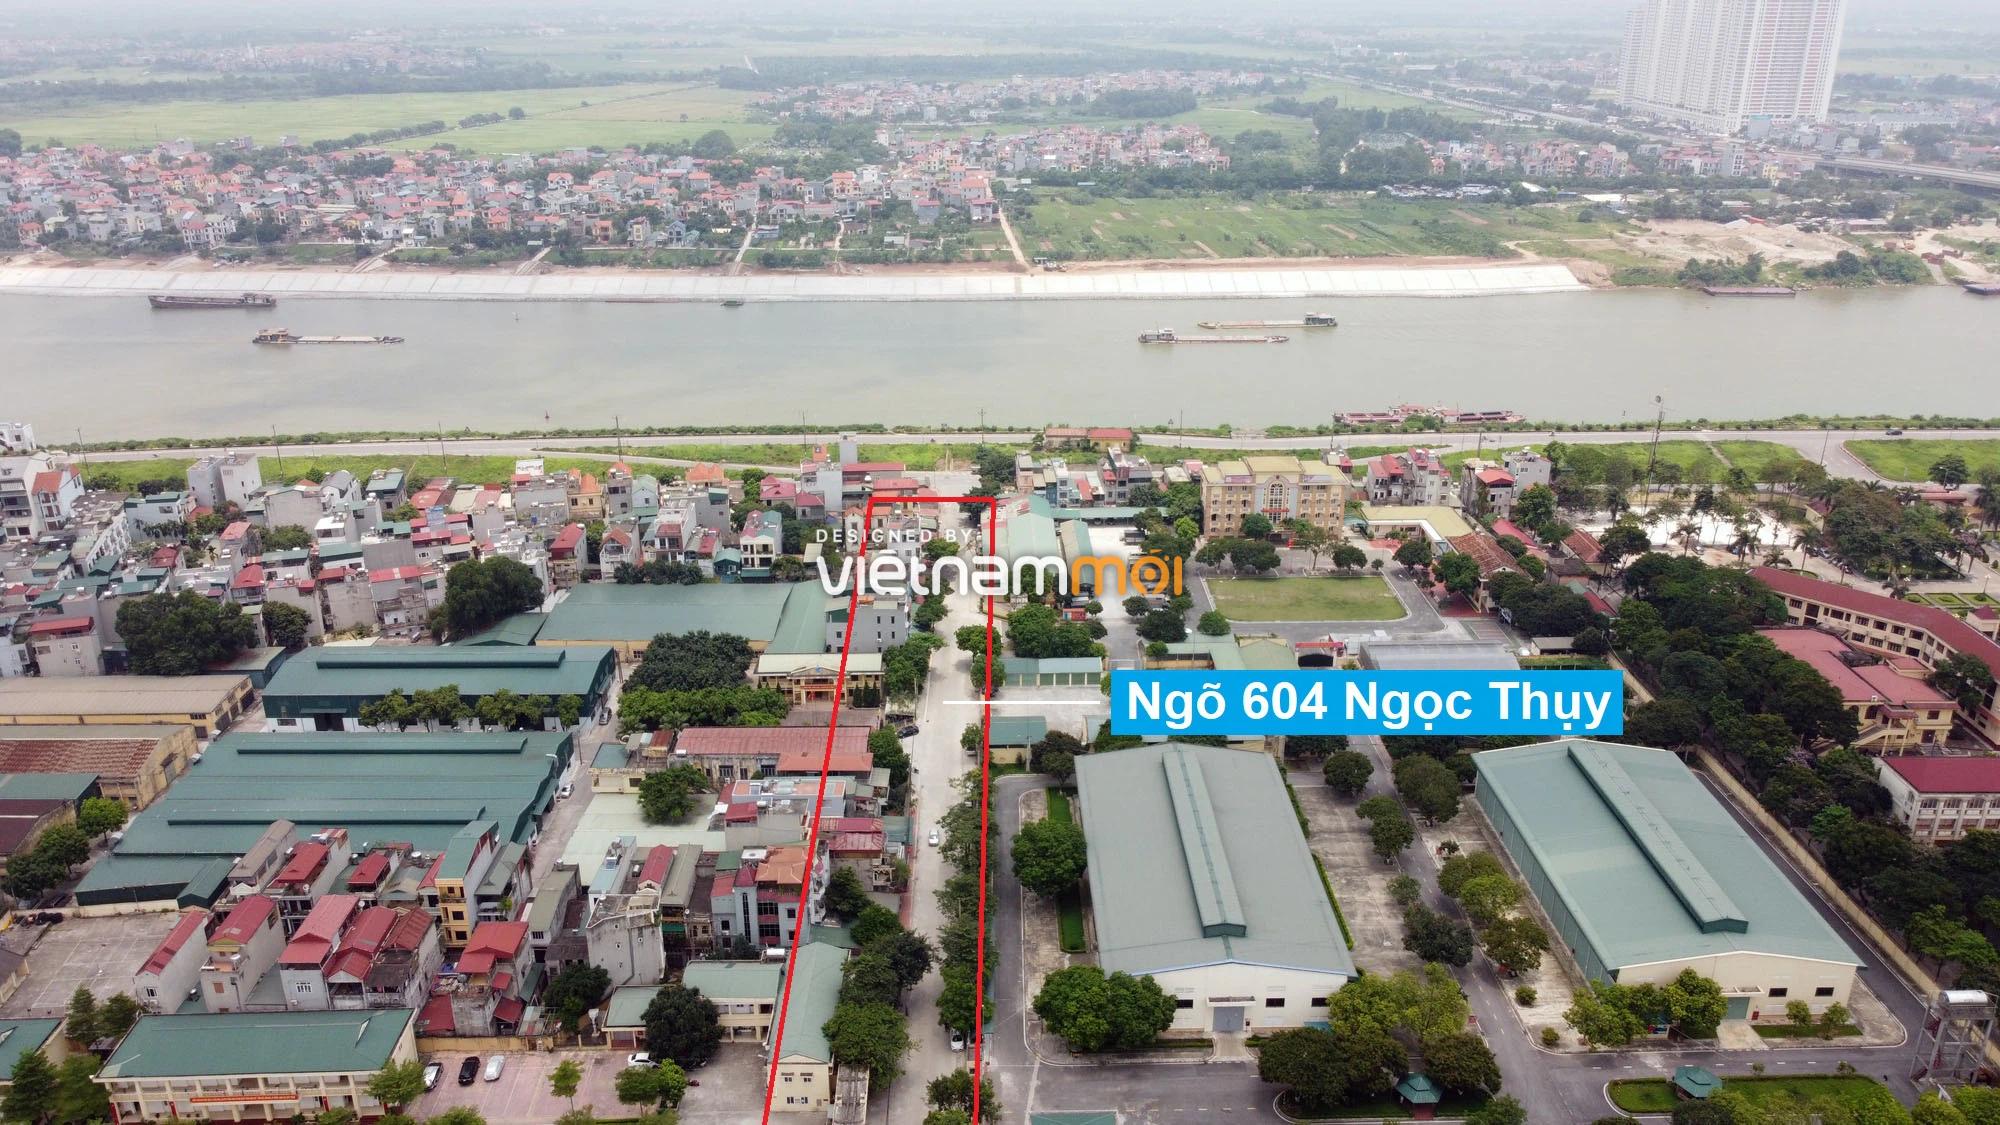 Những khu đất sắp thu hồi để mở đường ở phường Ngọc Thụy, Long Biên, Hà Nội (phần 1) - Ảnh 5.